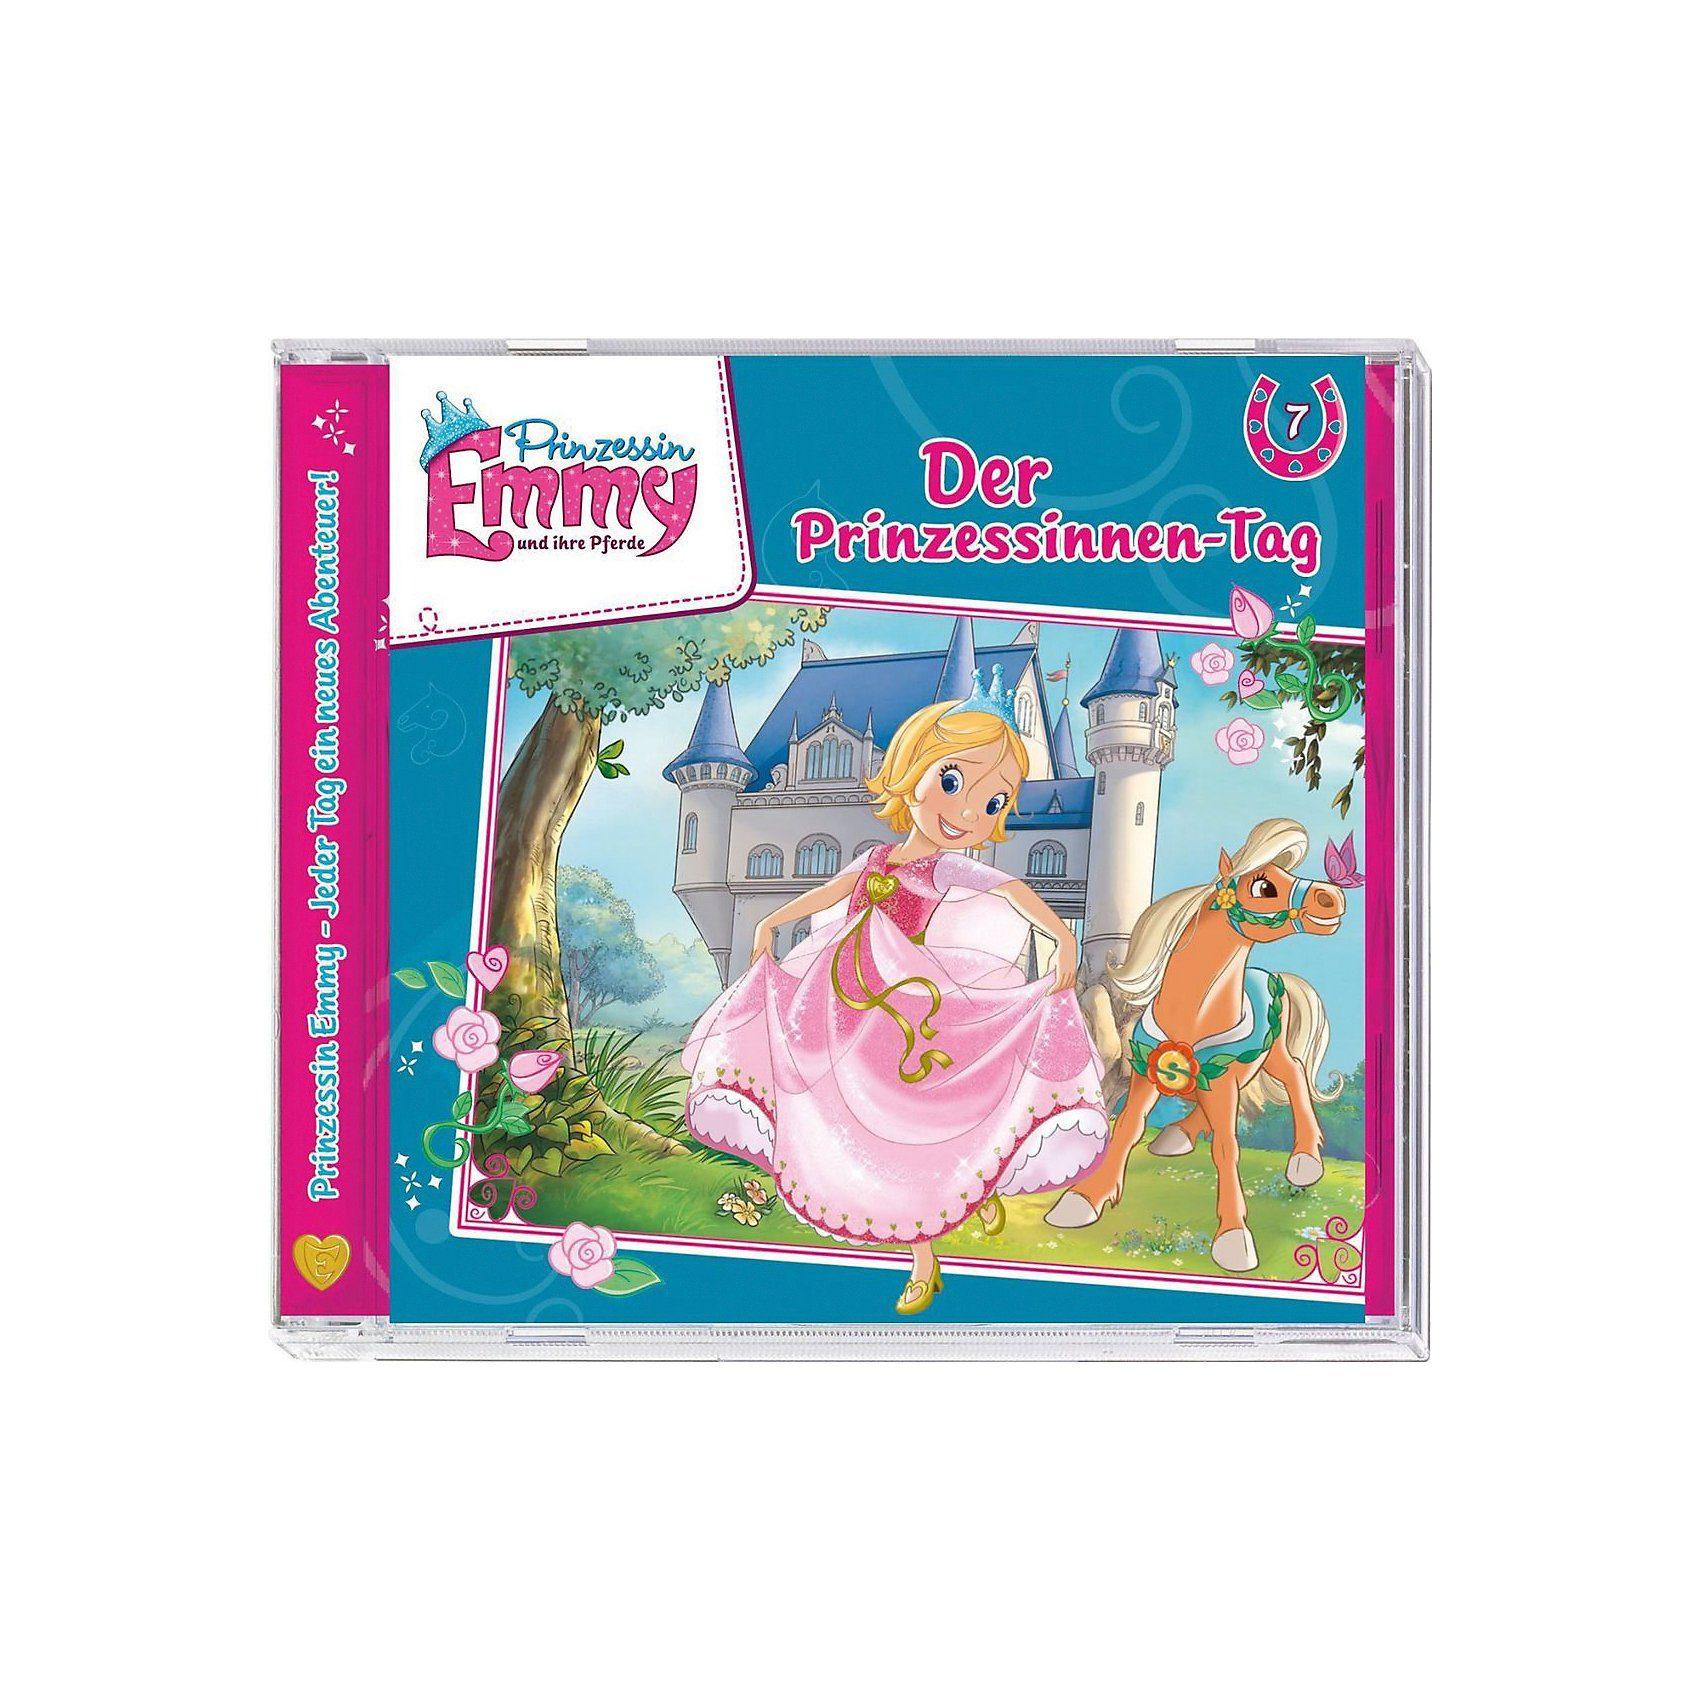 Kiddinx CD Prinzessin Emmy 07 - Der Prinzessinnen Tag